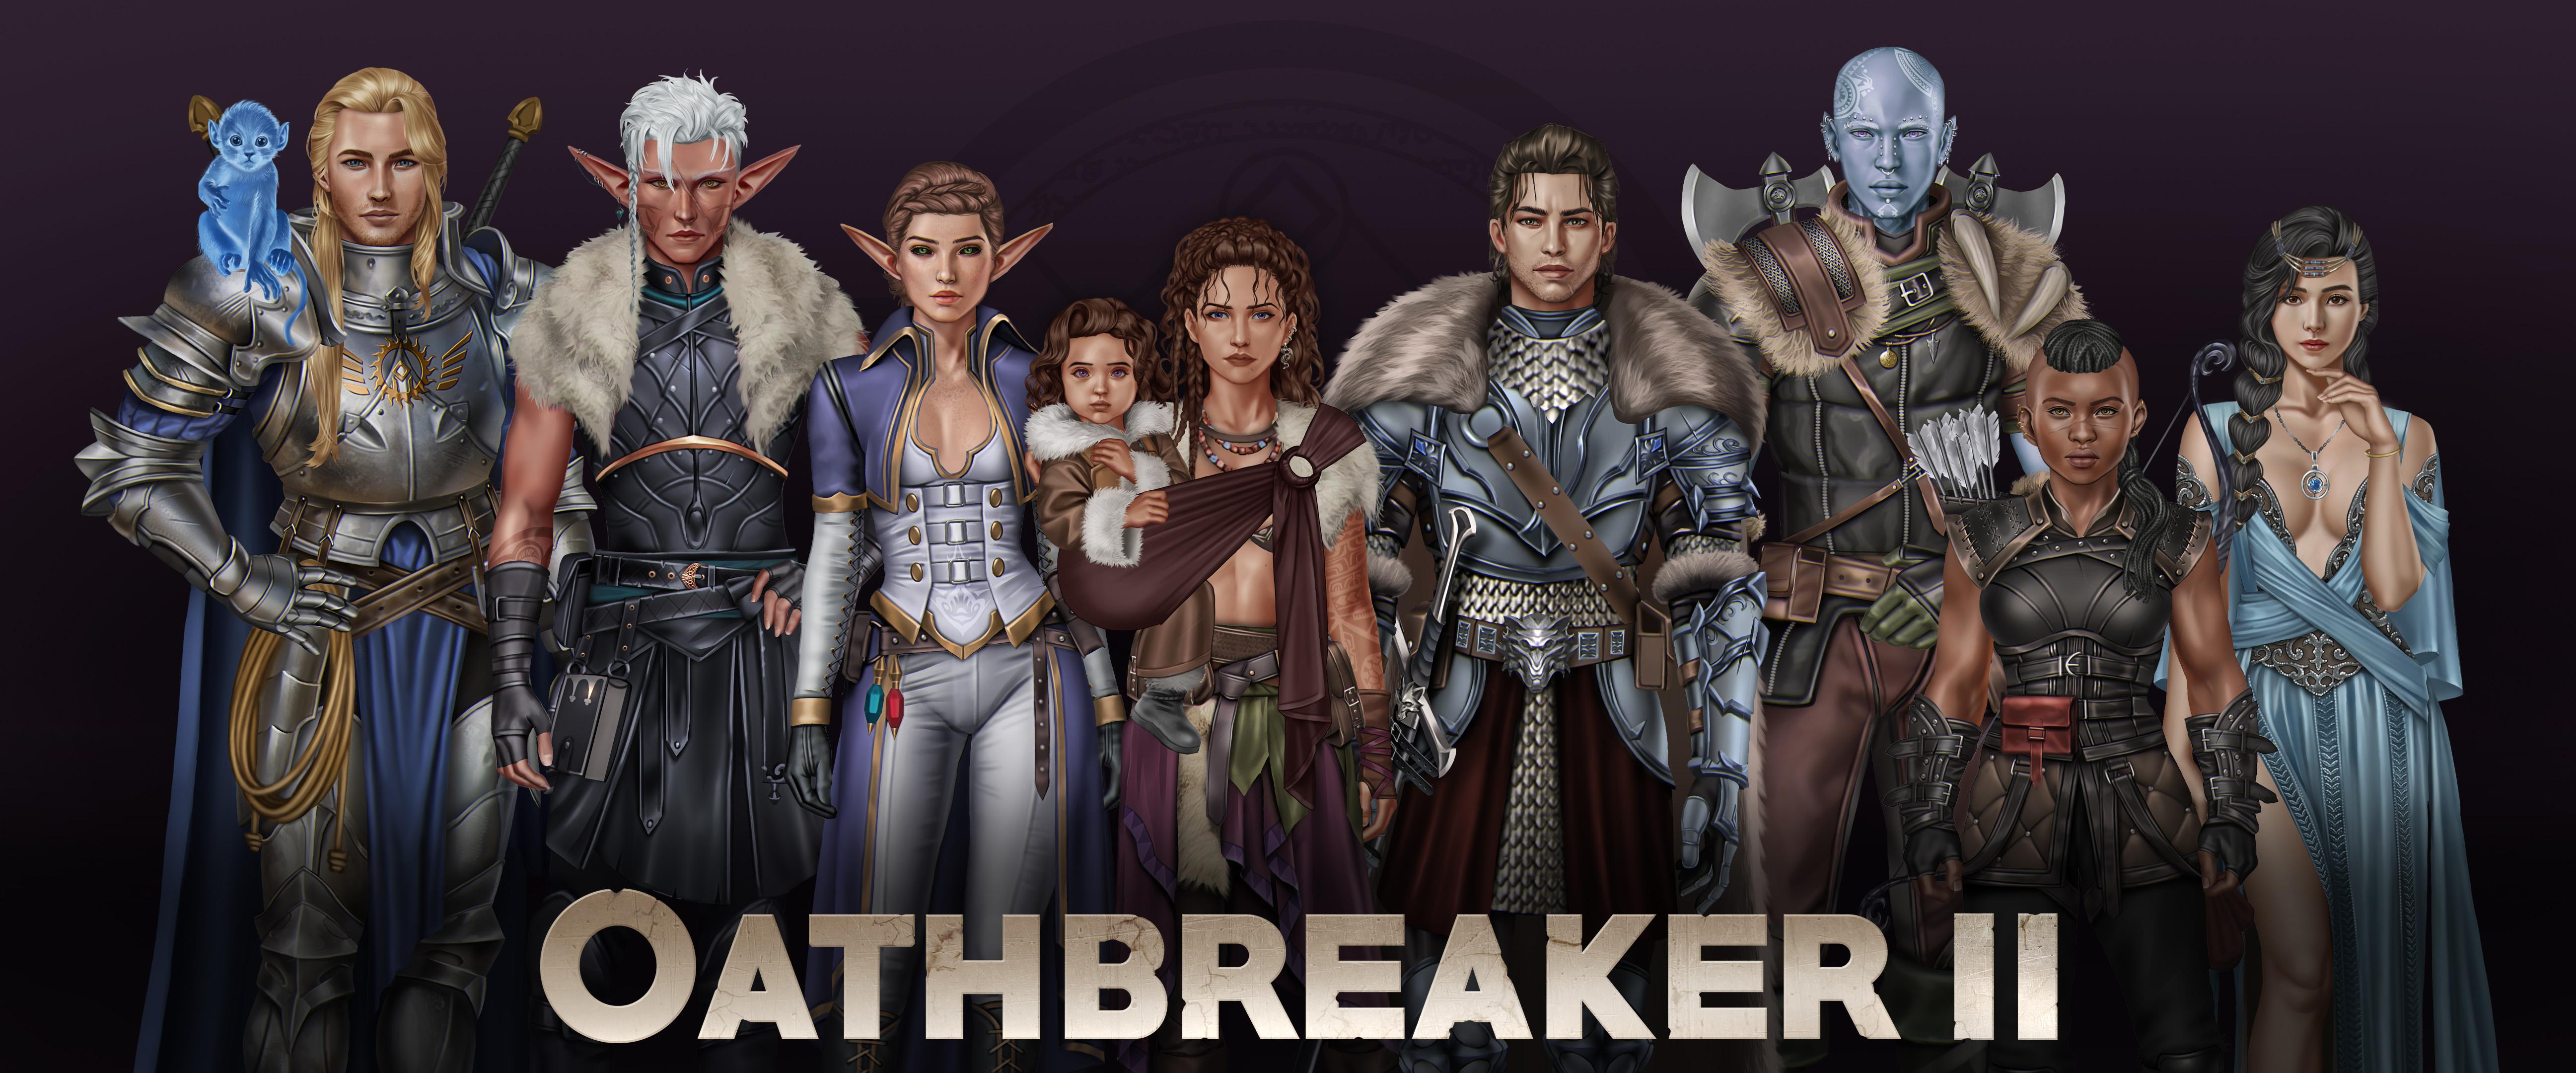 Oathbreaker: Season 2